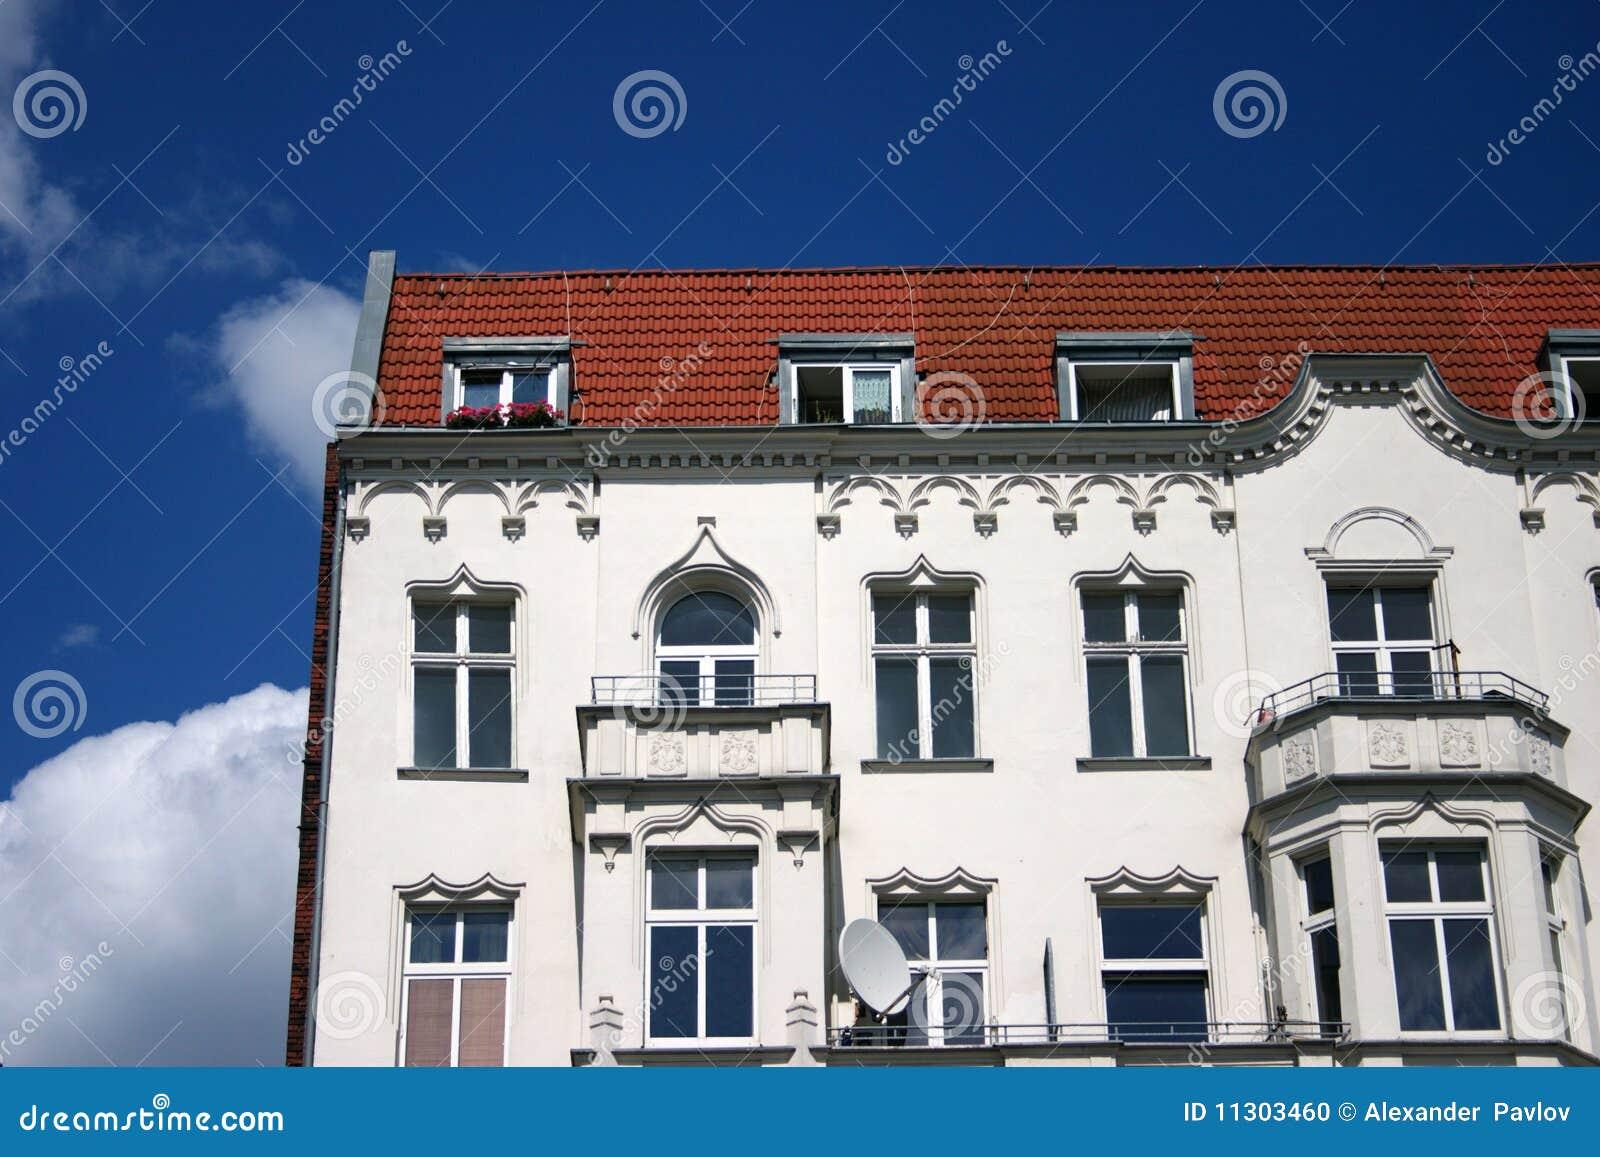 Das alte weiße Haus mit Balkonen